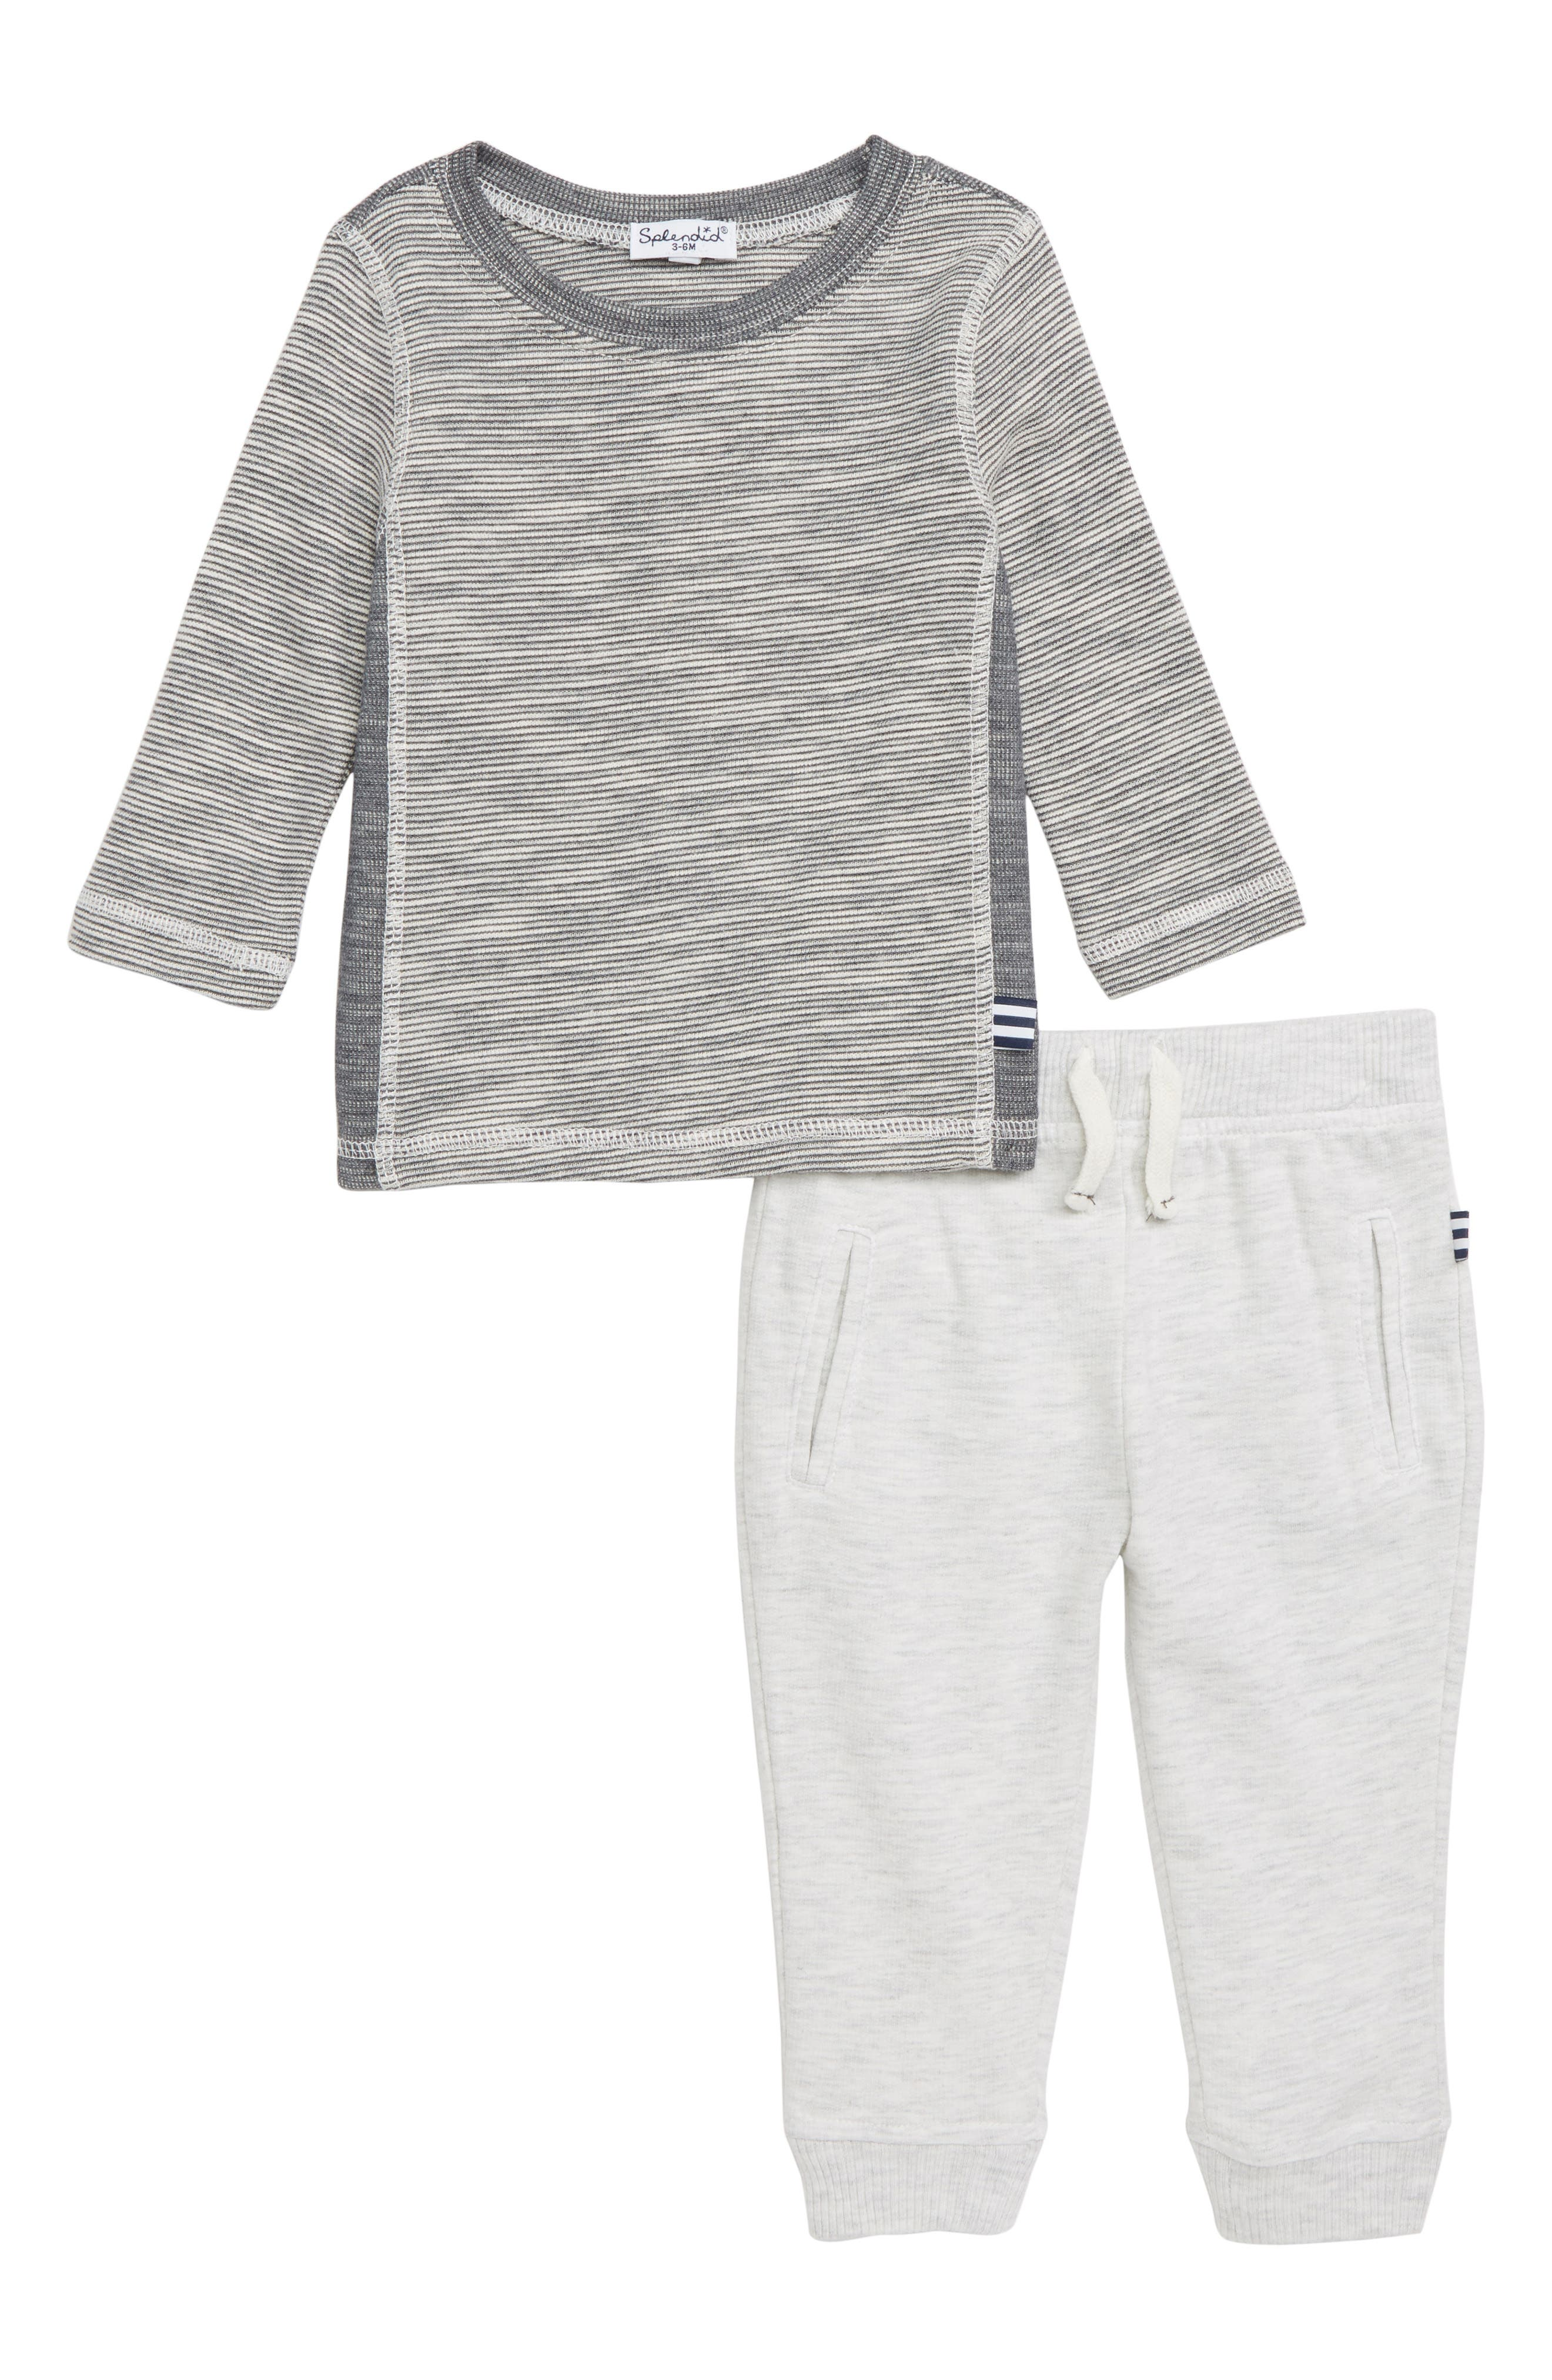 Stripe Top & Jogger Pants, Main, color, 020